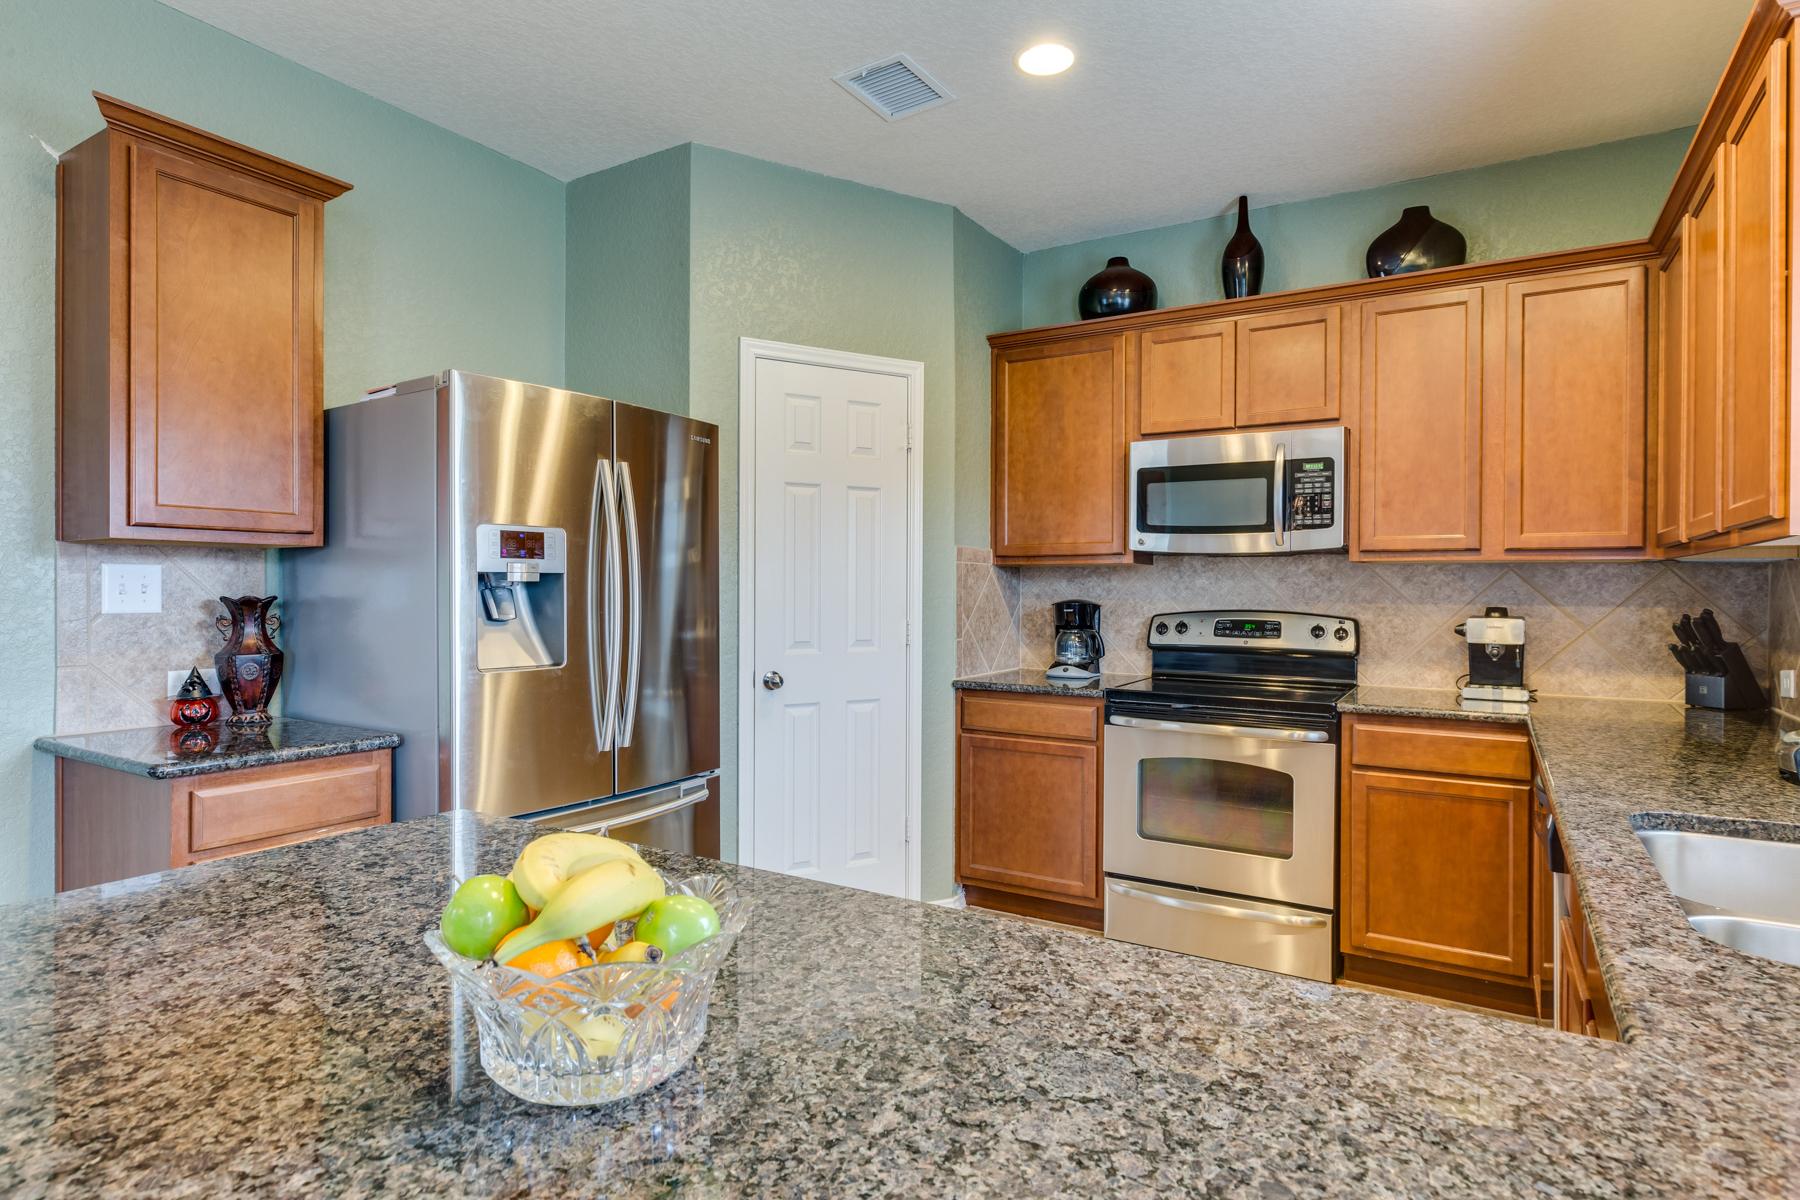 Casa Unifamiliar por un Venta en Wonderful Home in Cibolo Valley Ranch 433 Prickly Pear Dr Cibolo, Texas 78108 Estados Unidos